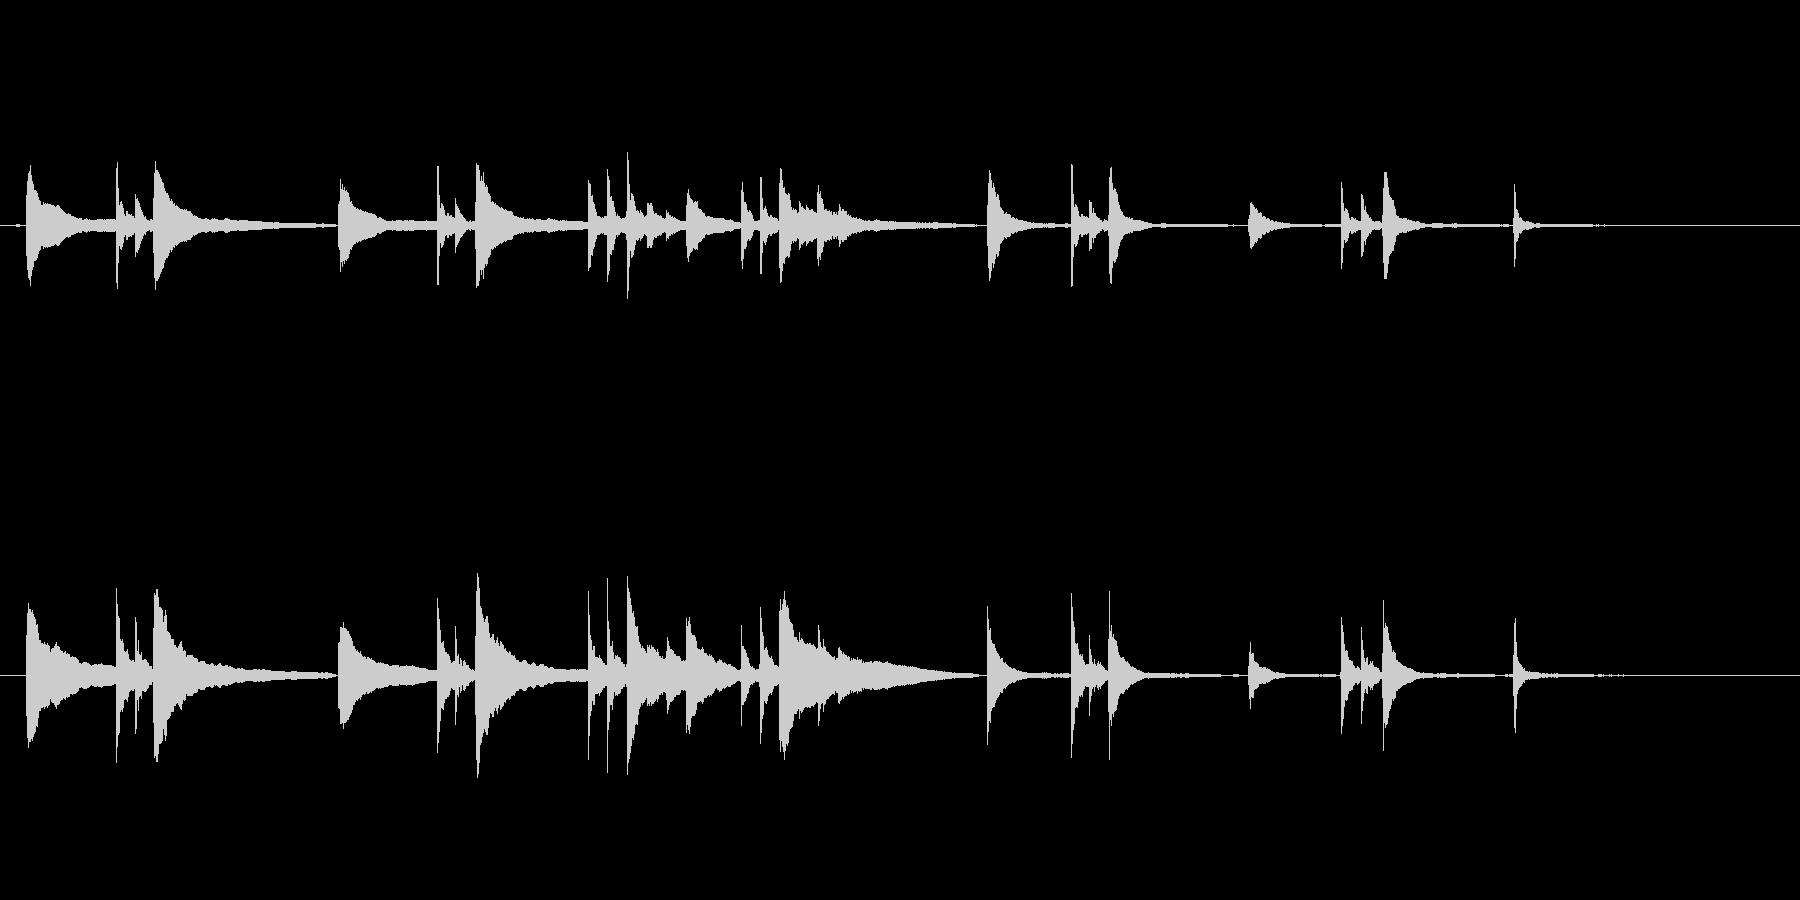 悩みや葛藤のシーンに使いたいピアノソロの未再生の波形